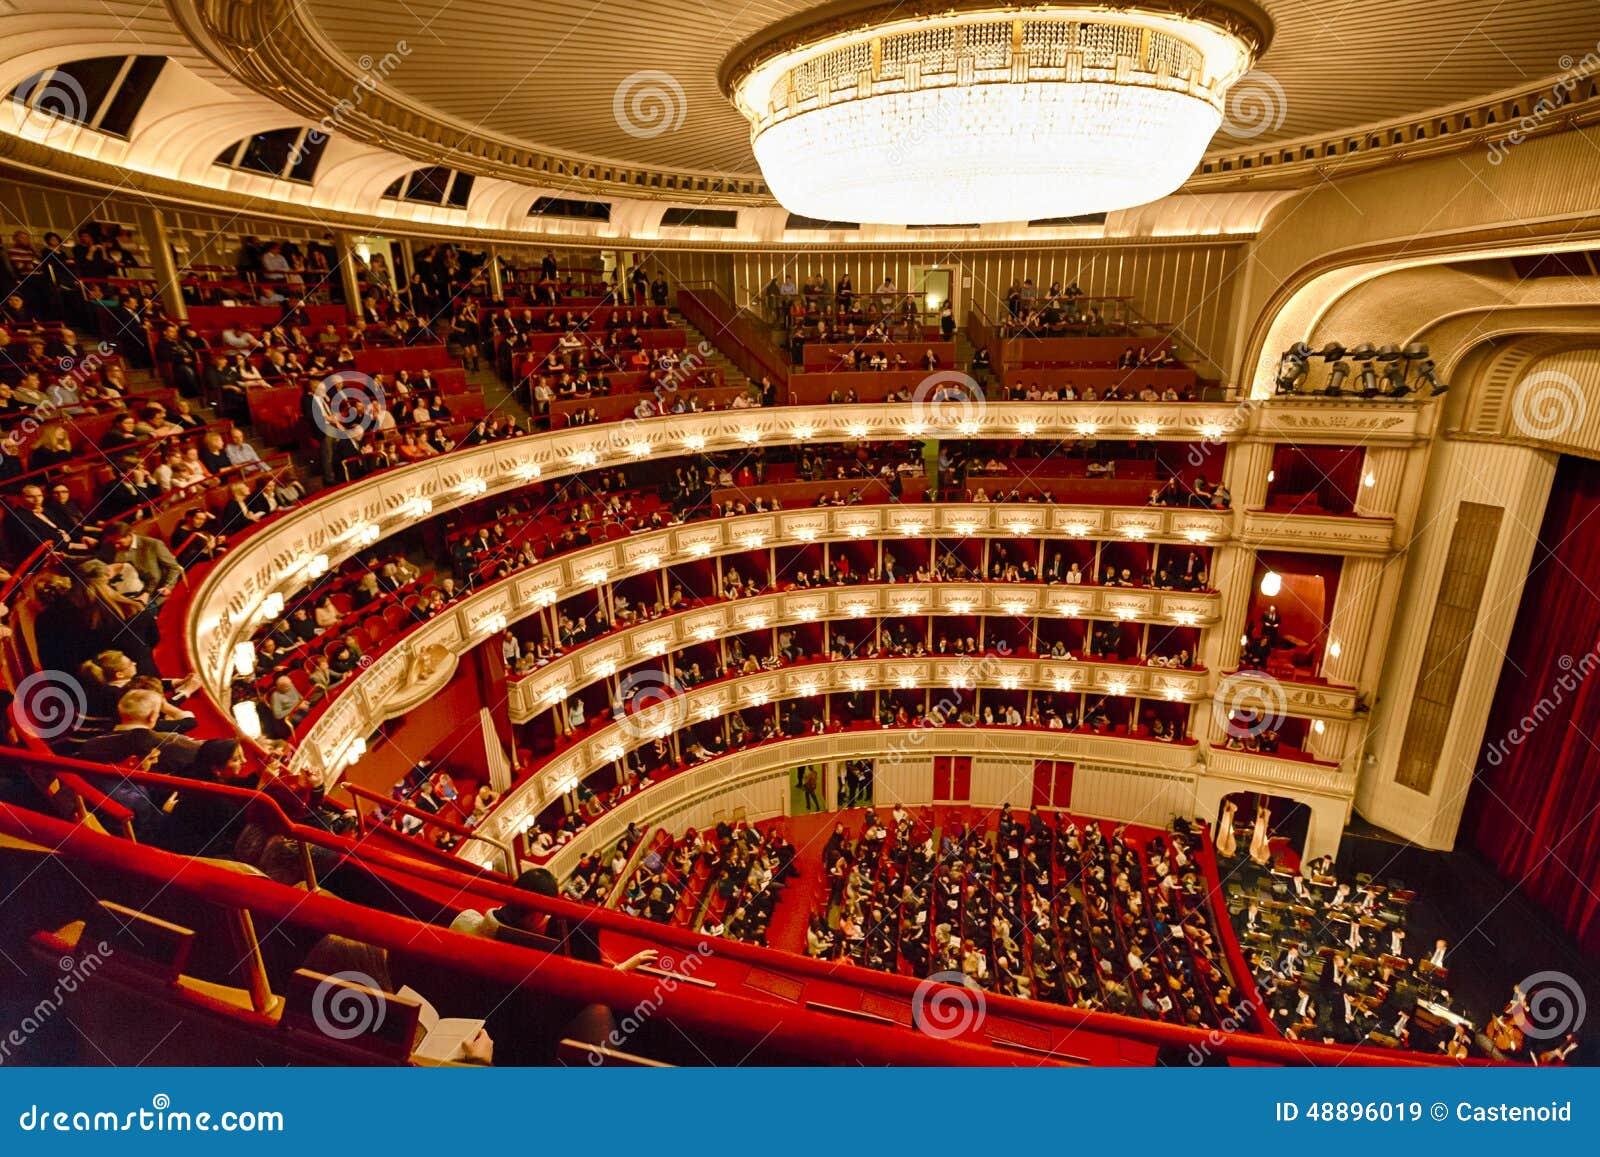 Balkons van het Huis van de Opera van Wenen